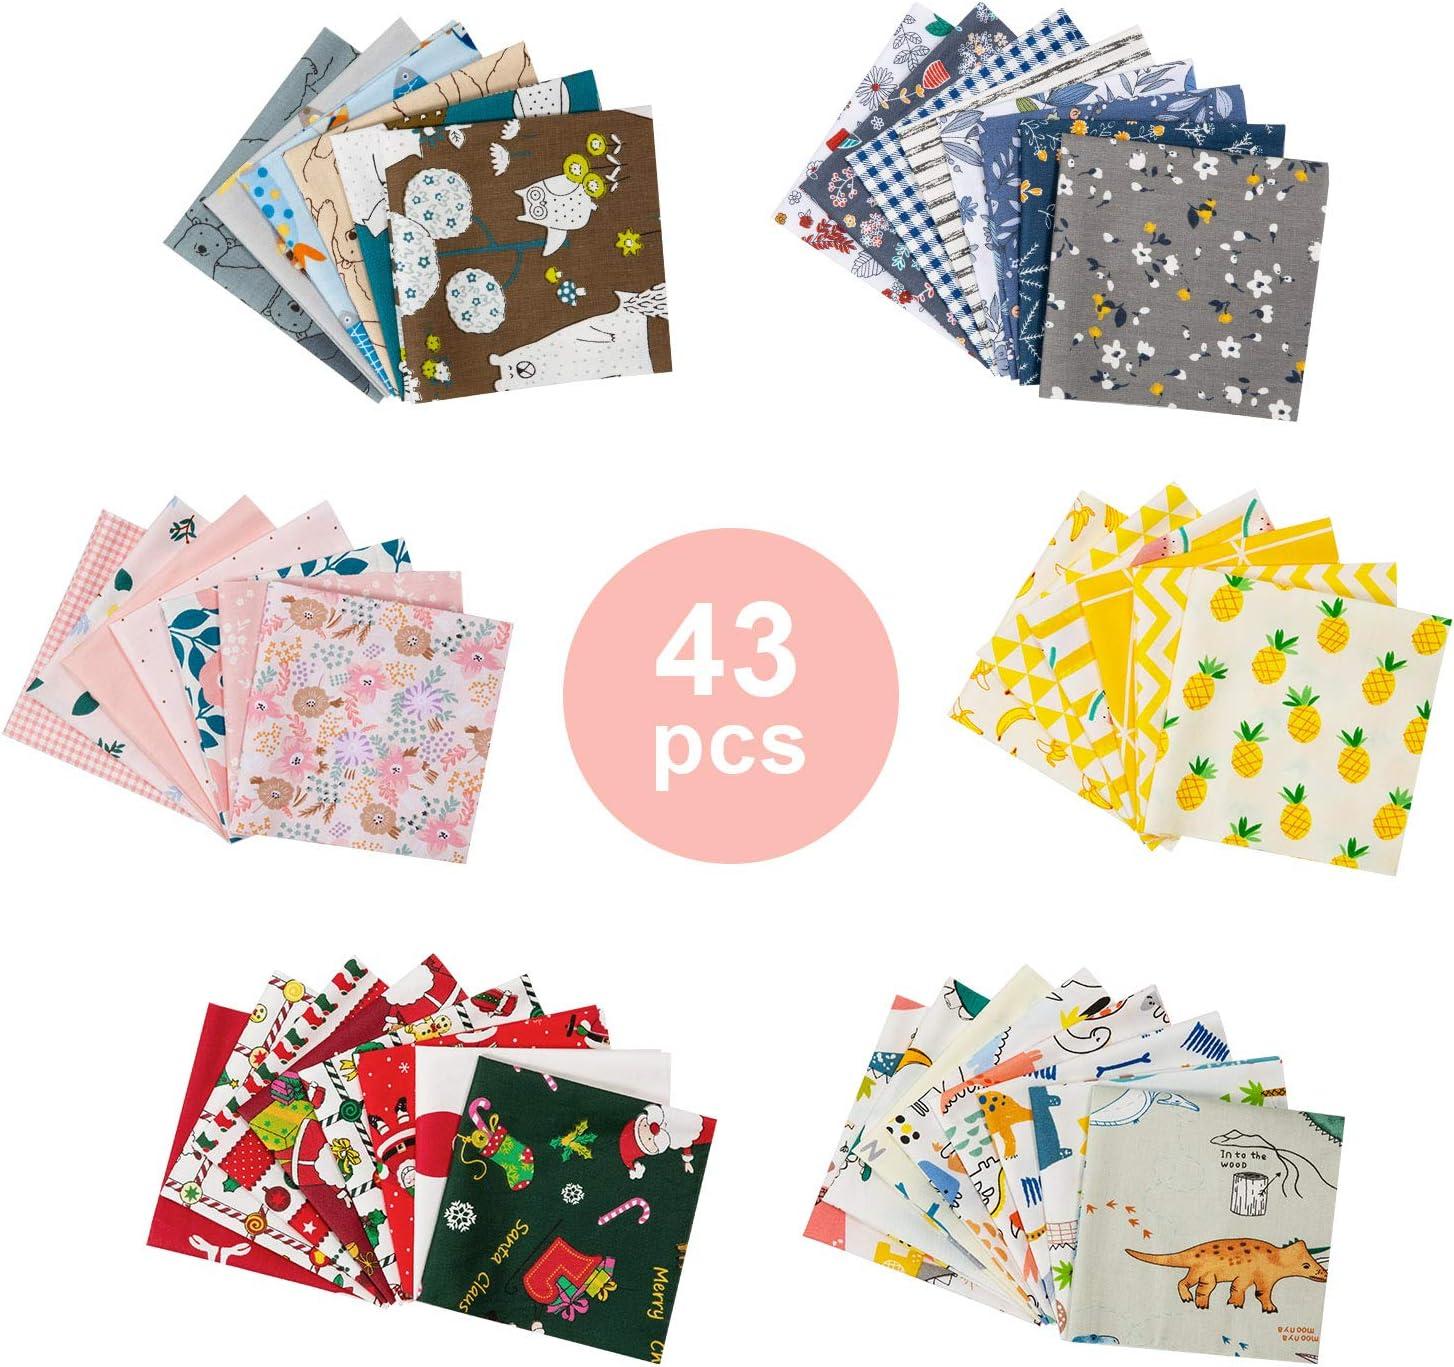 Tela Algodon Telas Patchwork, GuKKK 43 Piezas 25 x 25 cm Tela Algodon para Coser, DIY Floral Telas Patchwork Material, para la Decoración de Costura Artesanal Costura de Acolchado de Scrapbooking